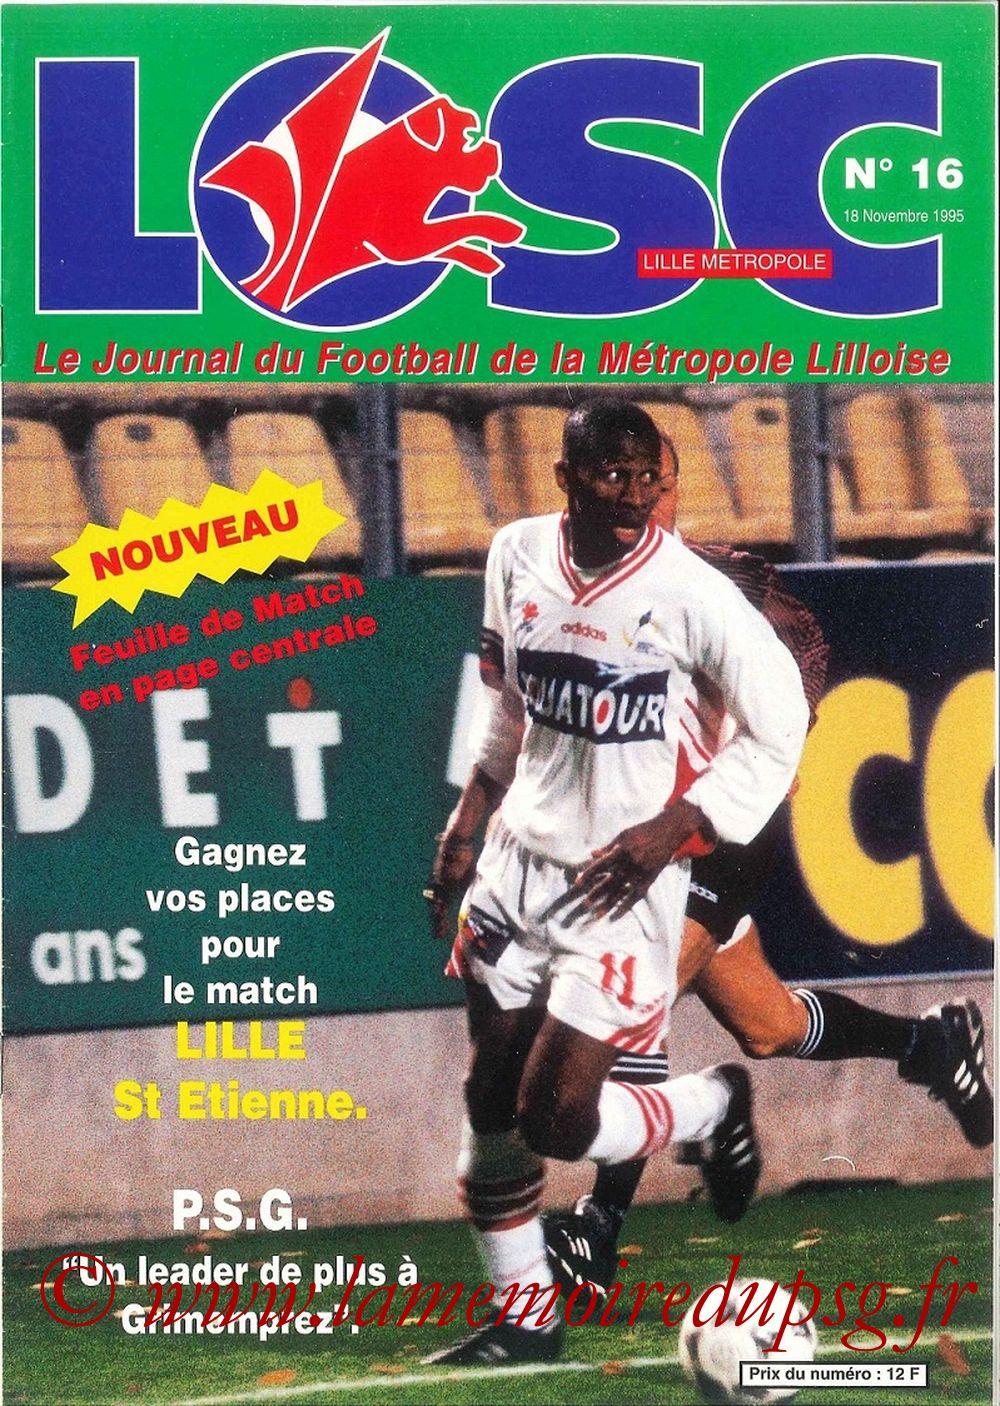 1995-11-18  Lille-PSG (18ème D1, LOSC Métropole N°16)